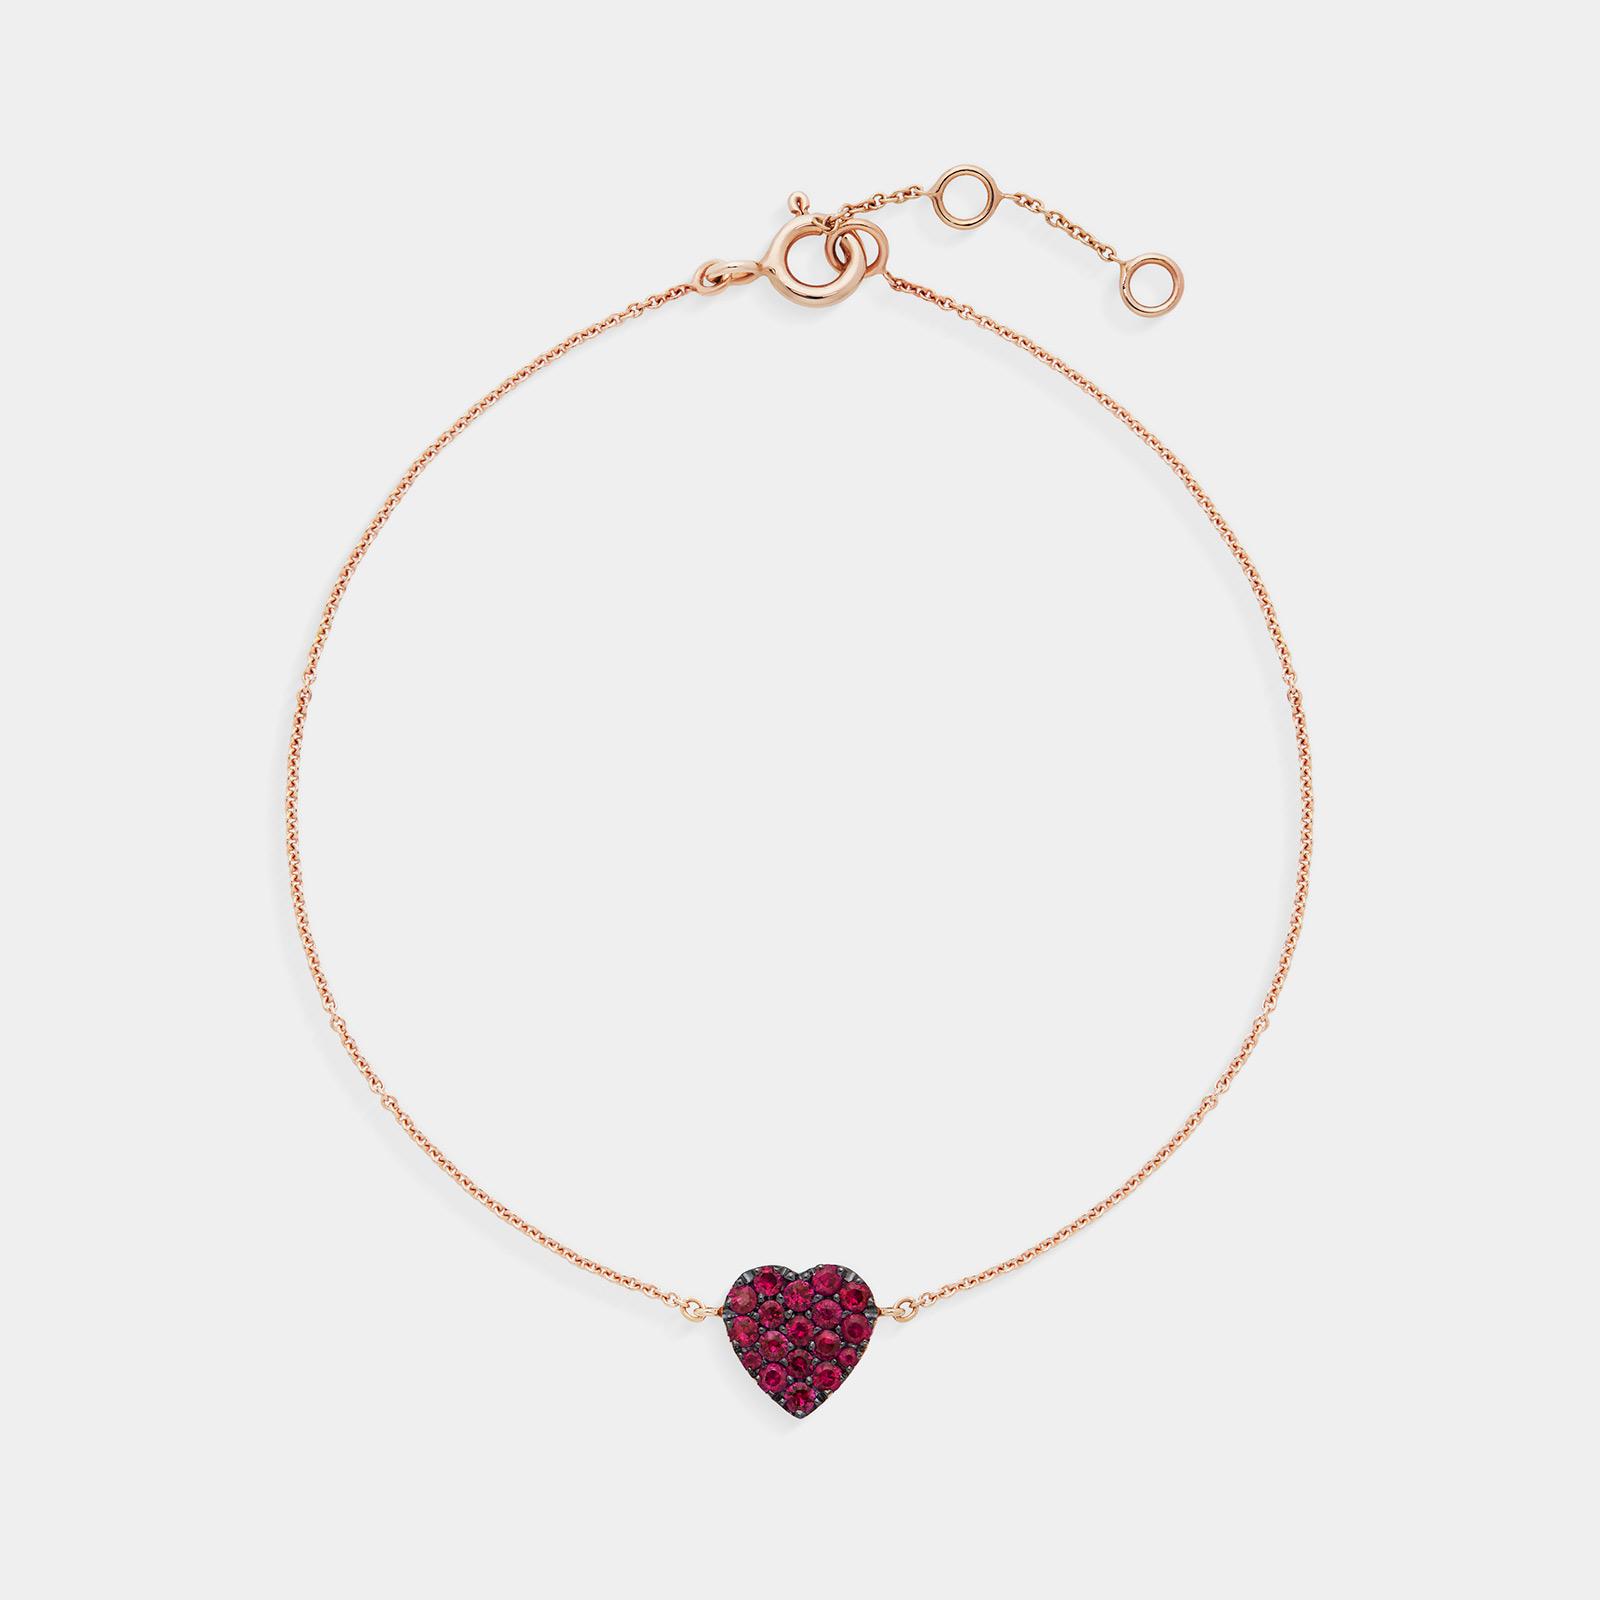 Bracciale cuore in oro rosa e rubini - Rosanna Cattolico gioielli